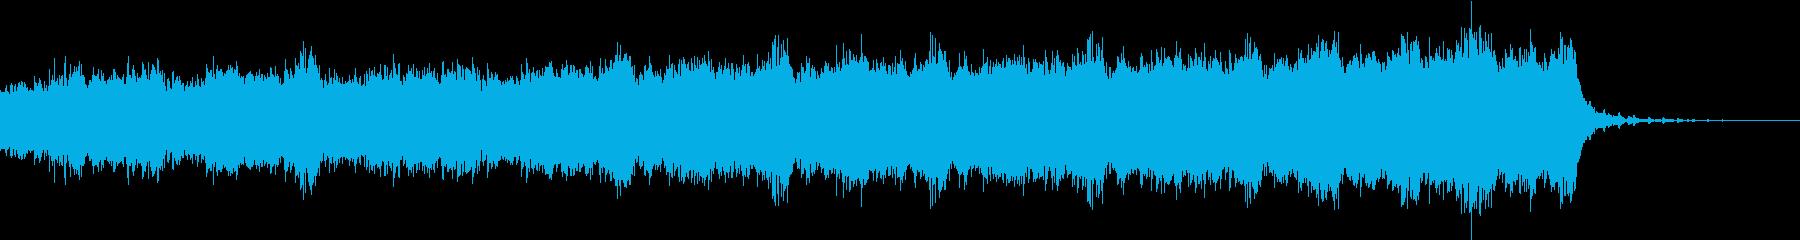 聴いてるだけで凍えそうなBGMの再生済みの波形